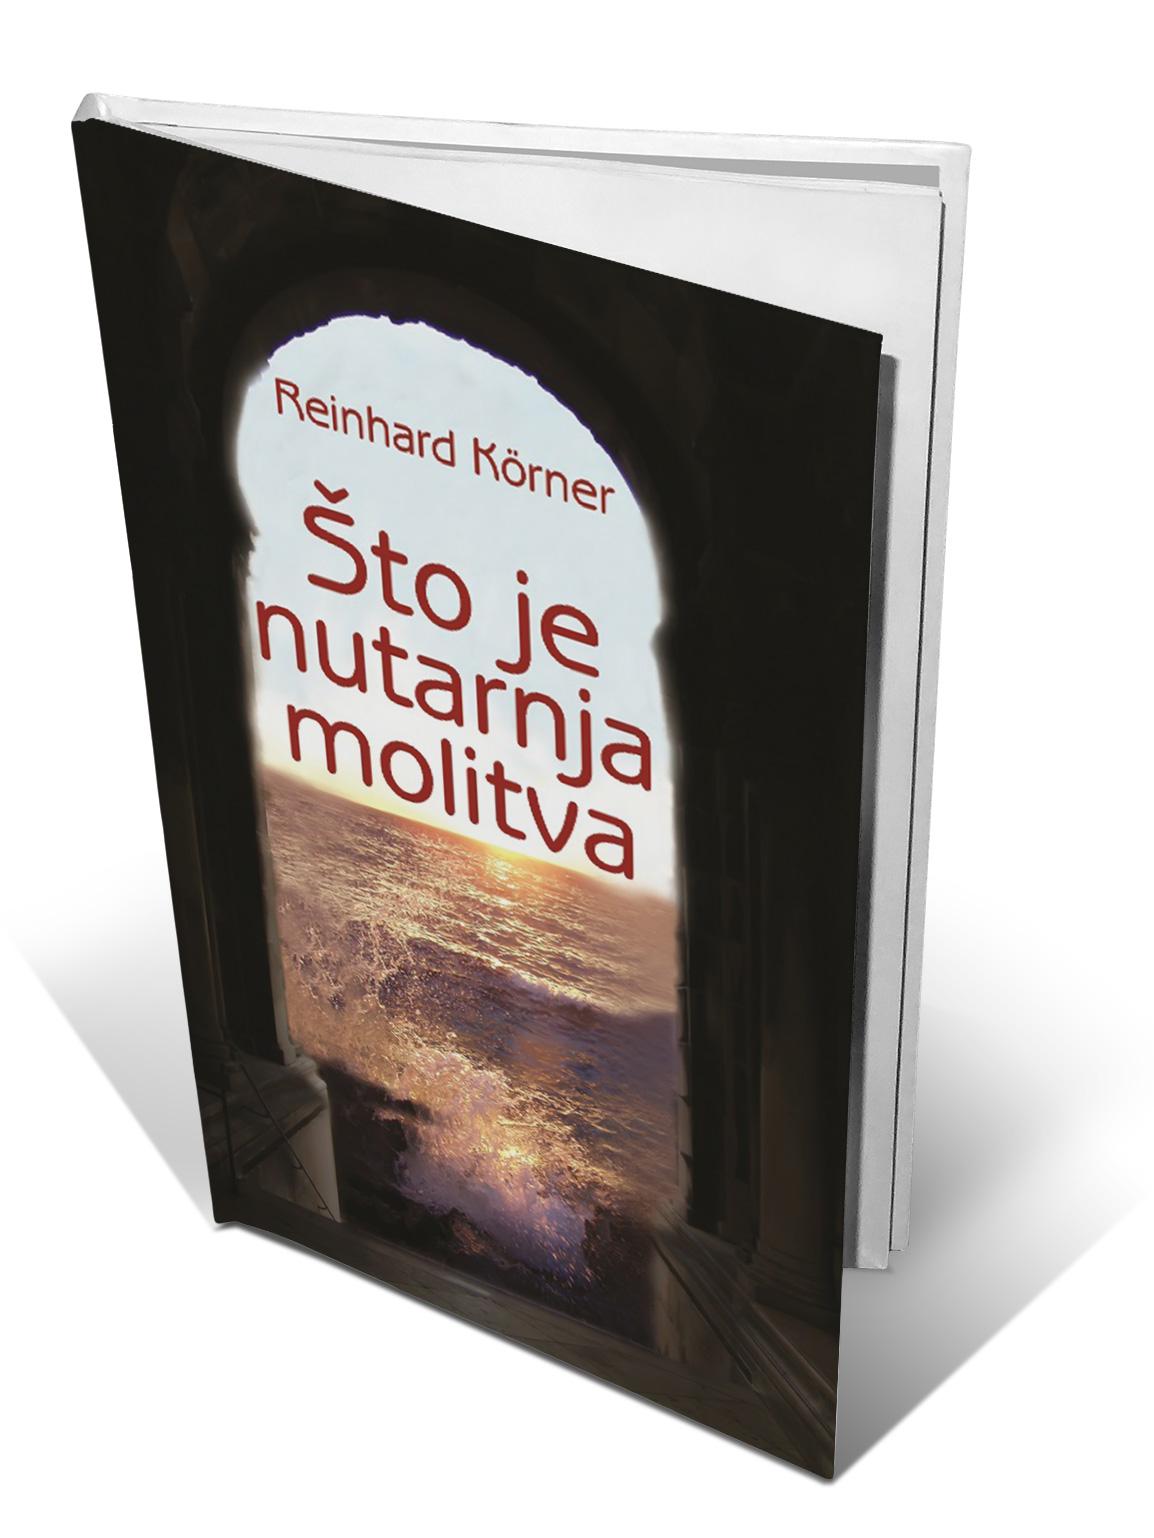 ŠTO JE NUTARNJA MOLITVA - Reinhard Köerner